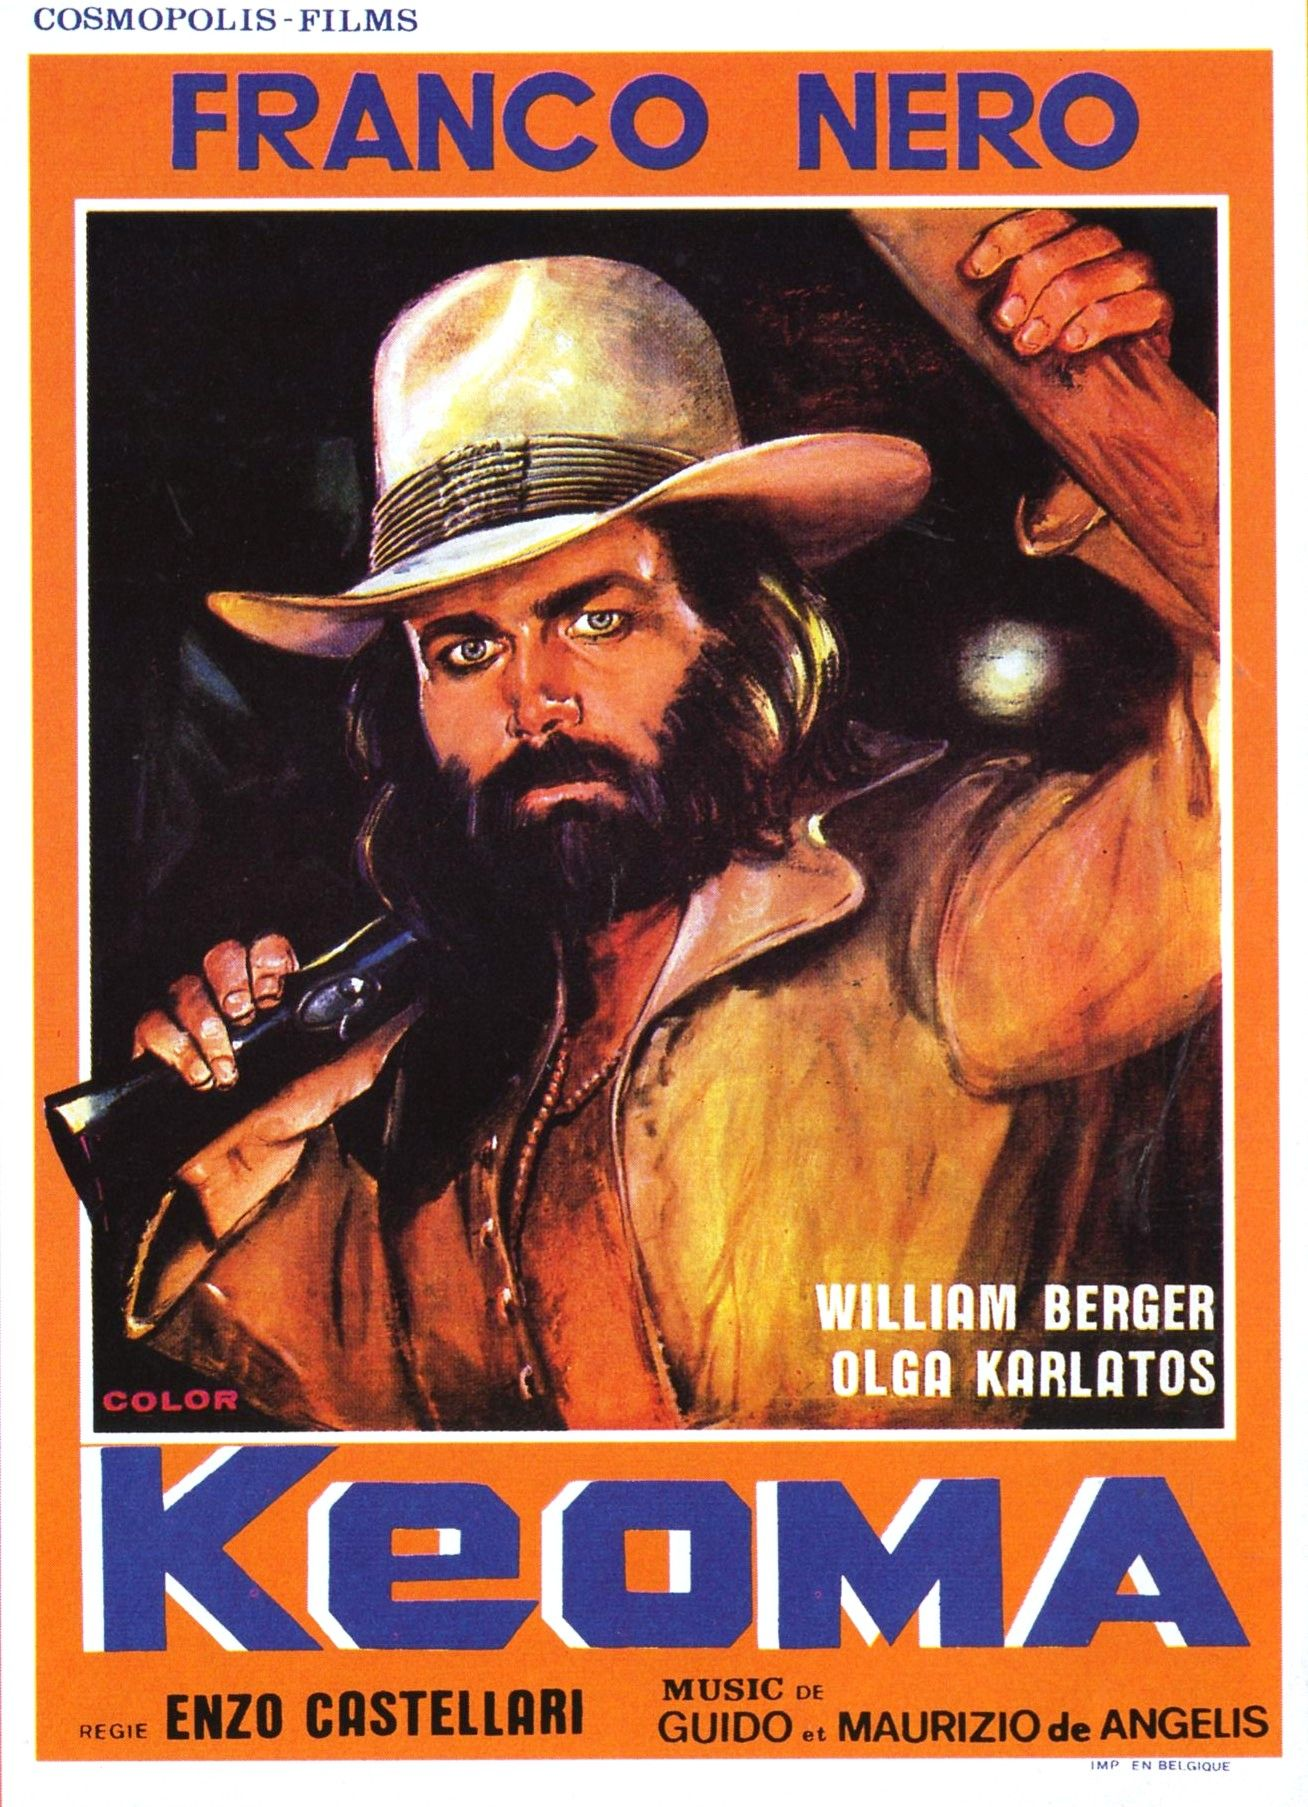 Keoma (1976) Dir: Enzo G. Castellari. Franco Nero, com peruca e visual ao estilo Woodstock, é Keoma, um mestiço ex-soldado da União. Ele volta da Guerra e encontra sua cidade dominada por um ex-Confederado que criou um campo de concentração para isolar vítimas da peste. Seus três meio-irmãos, todos racistas, apoiam o Confederado. Um dos melhores spaghetti western, kitsch, cheio de ação, criativo nos flashbacks, com fortes ideias visuais e uma trilha sonora marcante cantada por Sybil & Guy.